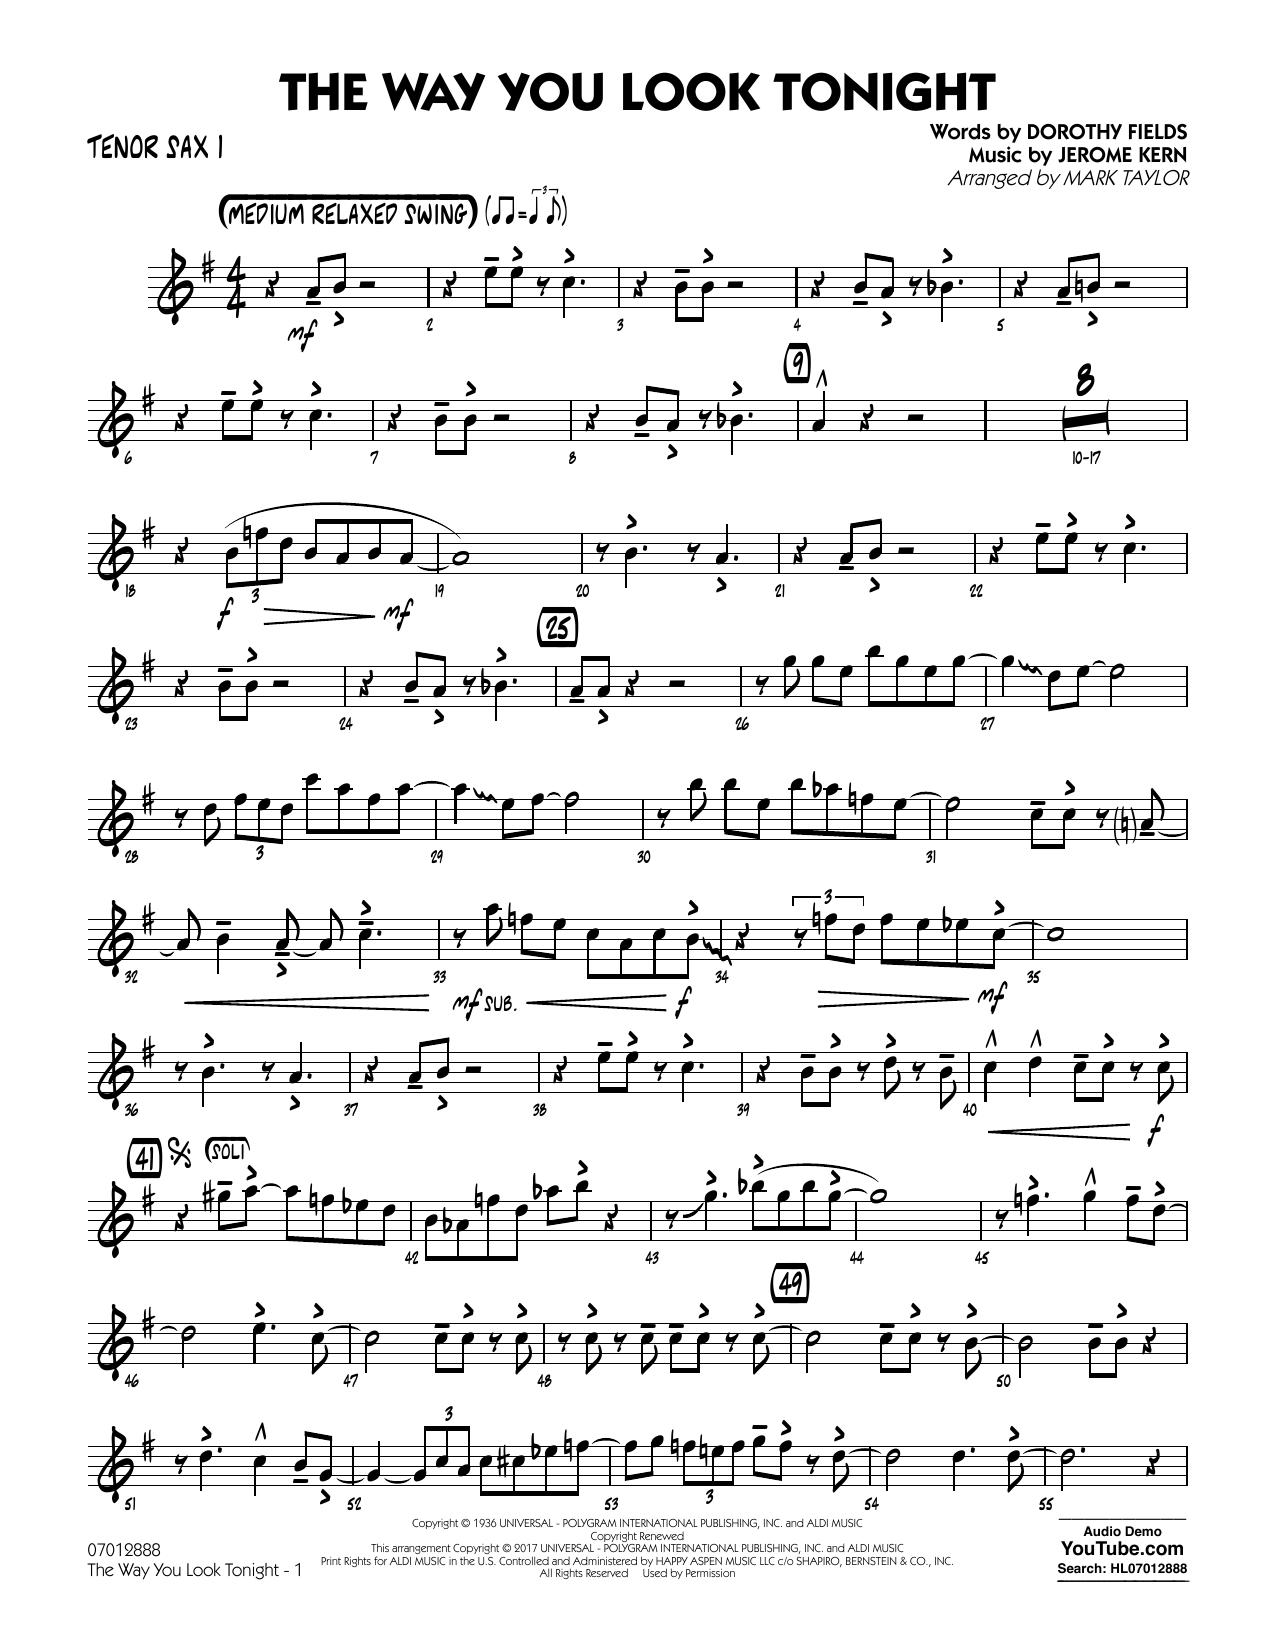 Jerome Kern - The Way You Look Tonight - Tenor Sax 1